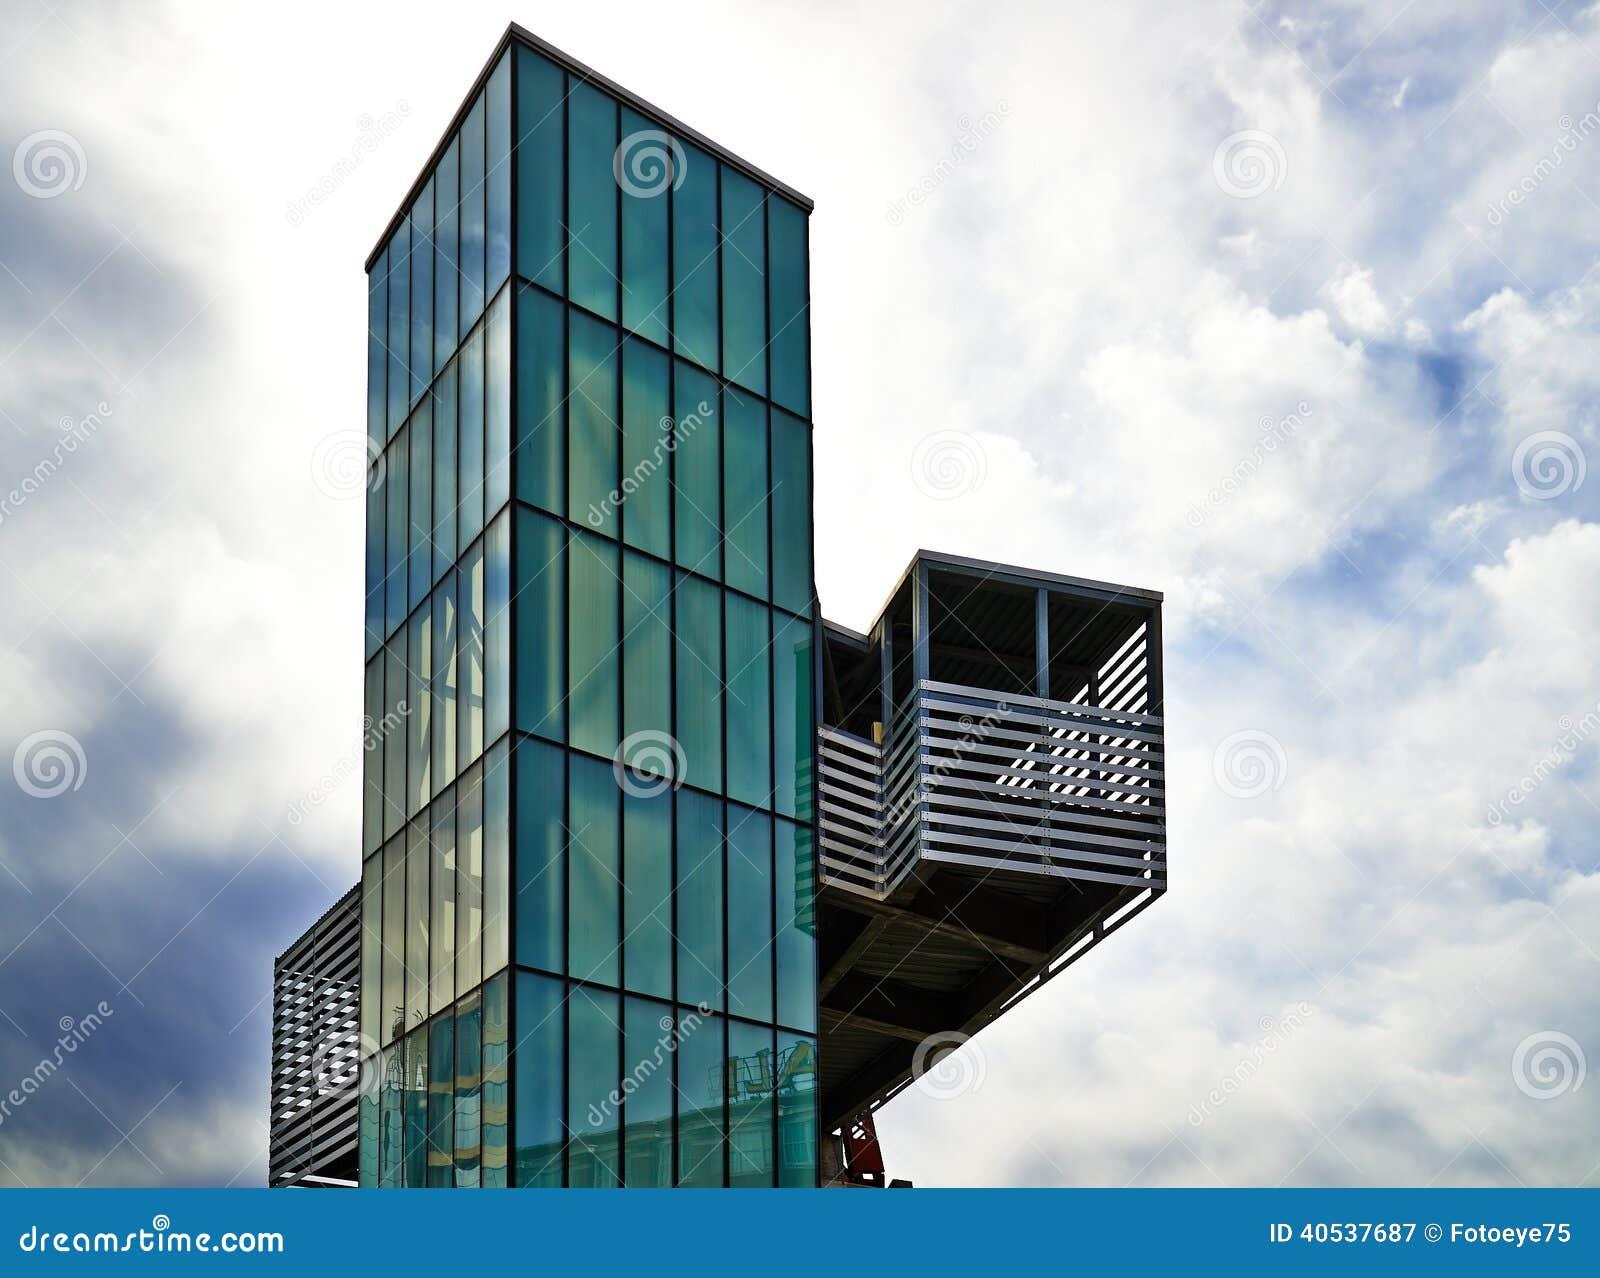 Moderne Architektur - Aufzug des grünen Glases